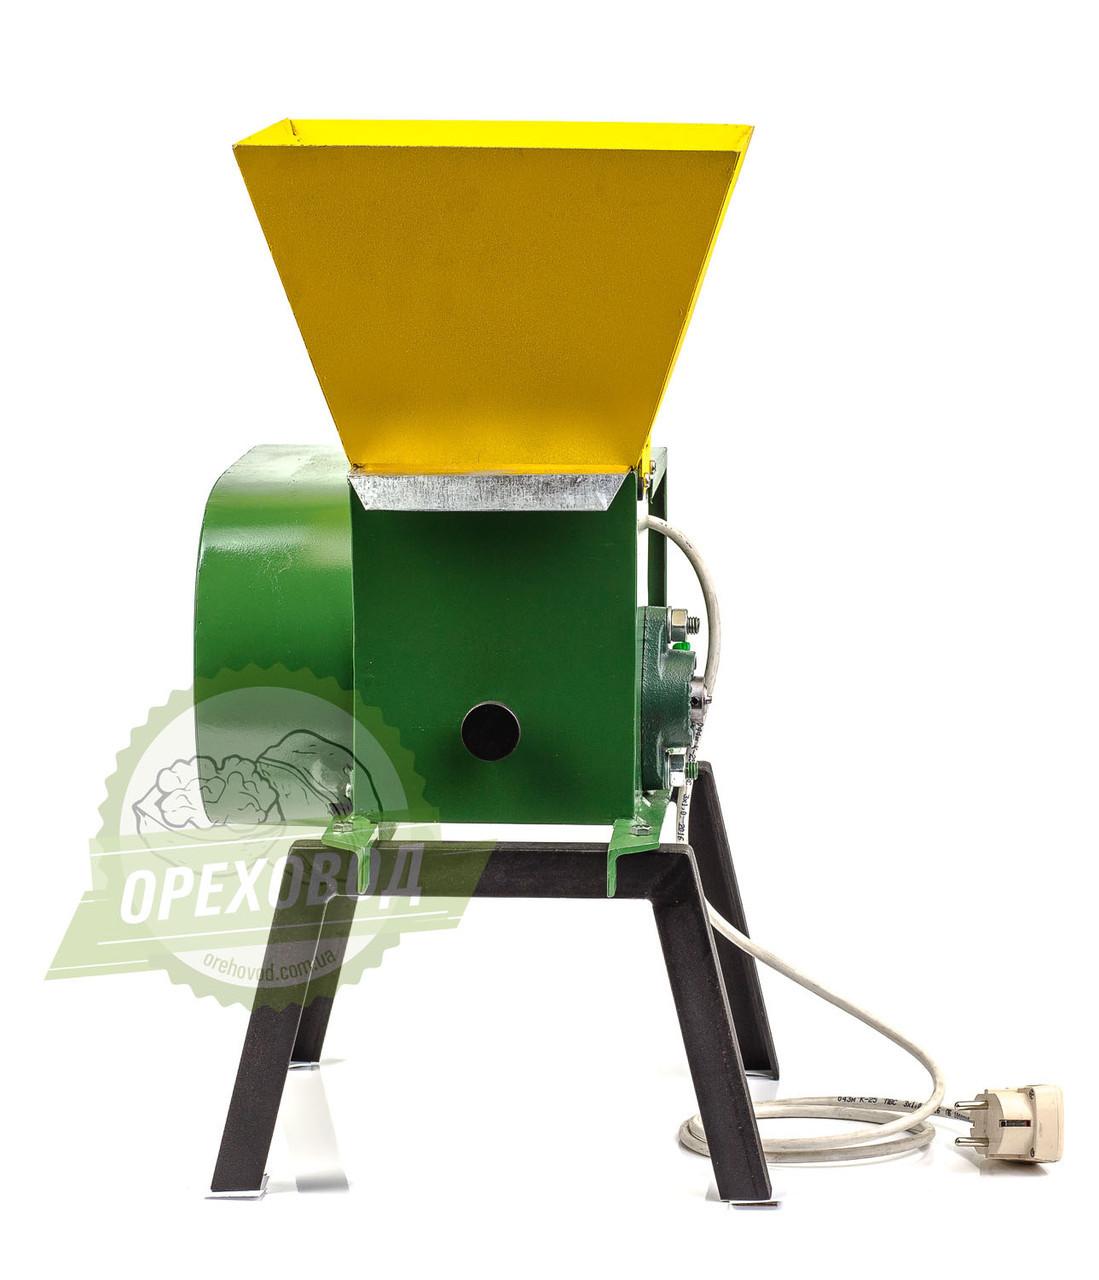 Орехокол для колки ореха (электрический)